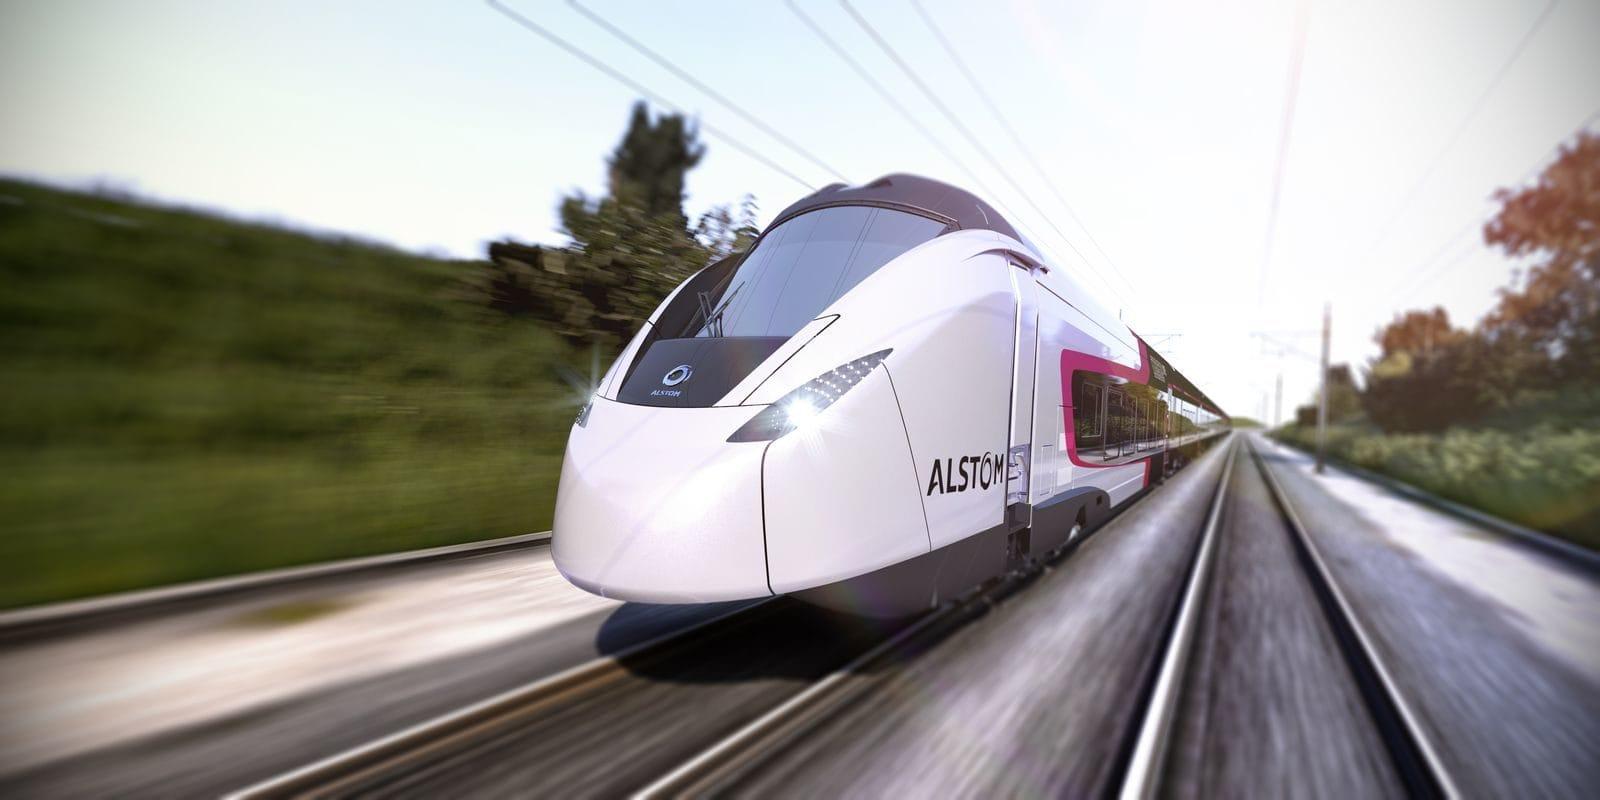 Le Grand Est va assurer l'exploitation des trains Intercités